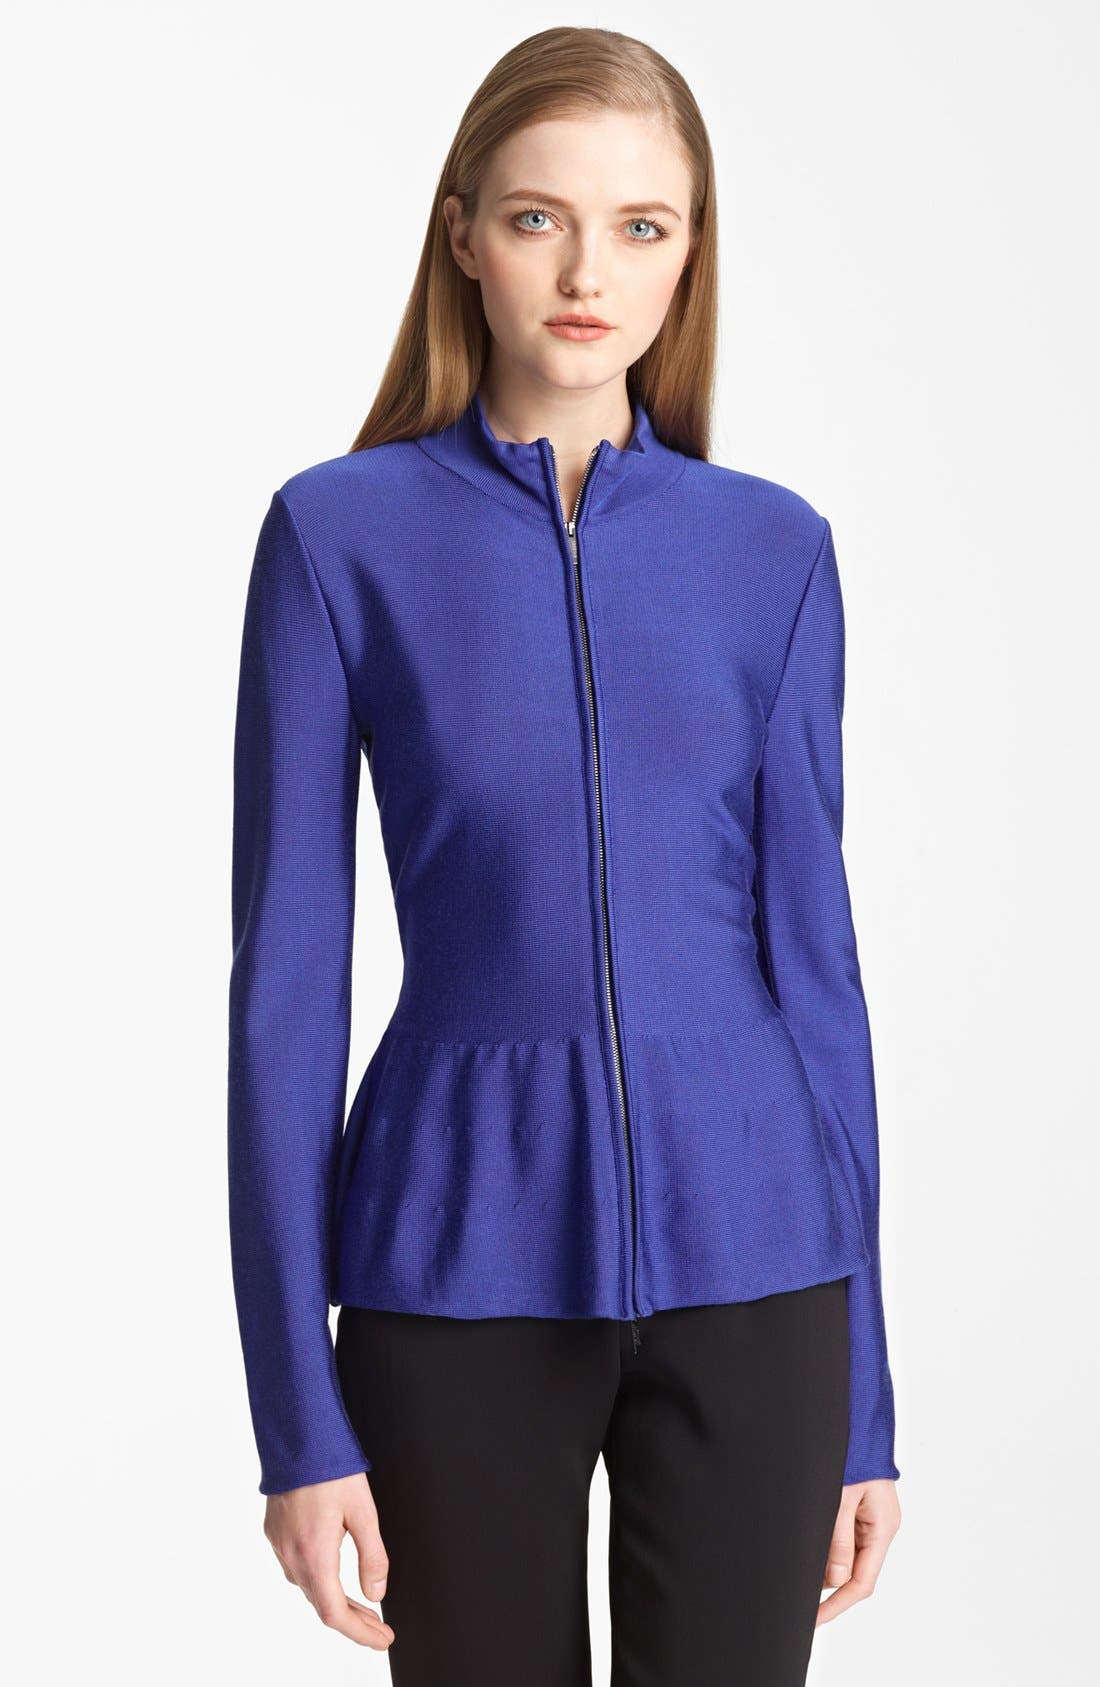 Zip Front Knit Jacket,                             Main thumbnail 1, color,                             Cobalt